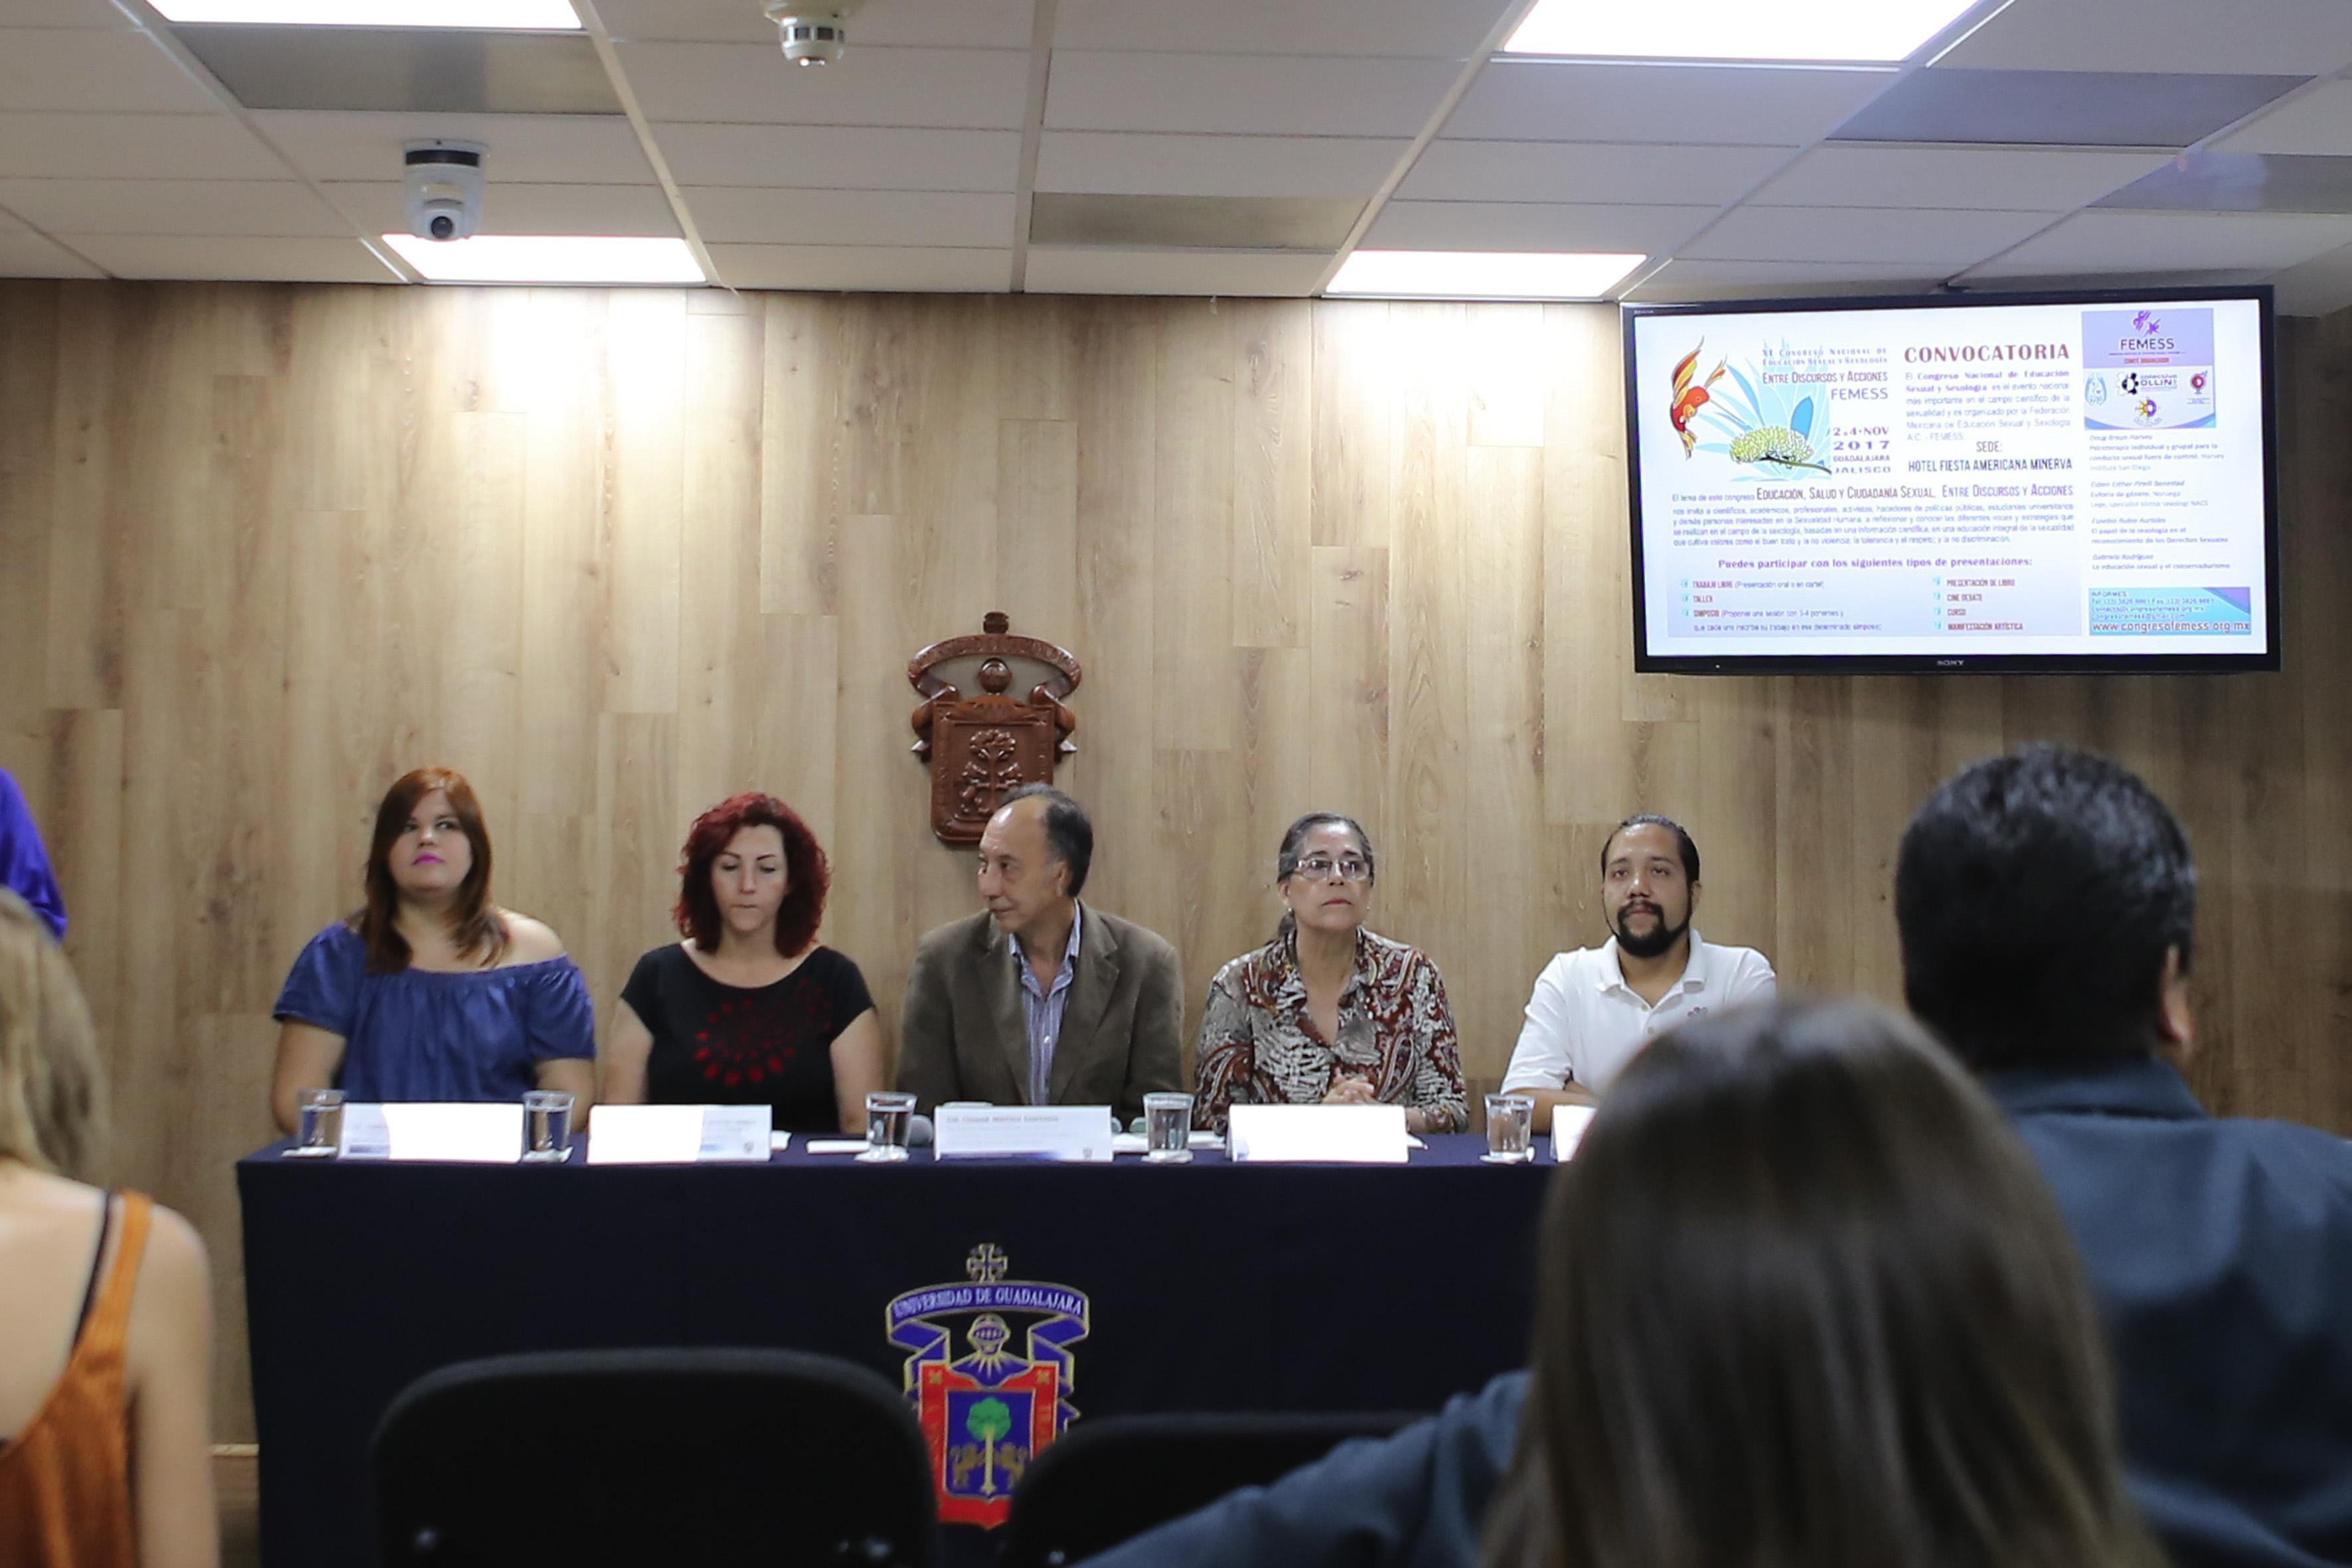 Rueda de prensa, convocada por representantes de la Universidad de Guadalajara, Secretaría de Salud y la sociedad civil organizada, para brindar detalles de los foros de educación y ciudadanía sexual, que se impartirán próximamente.